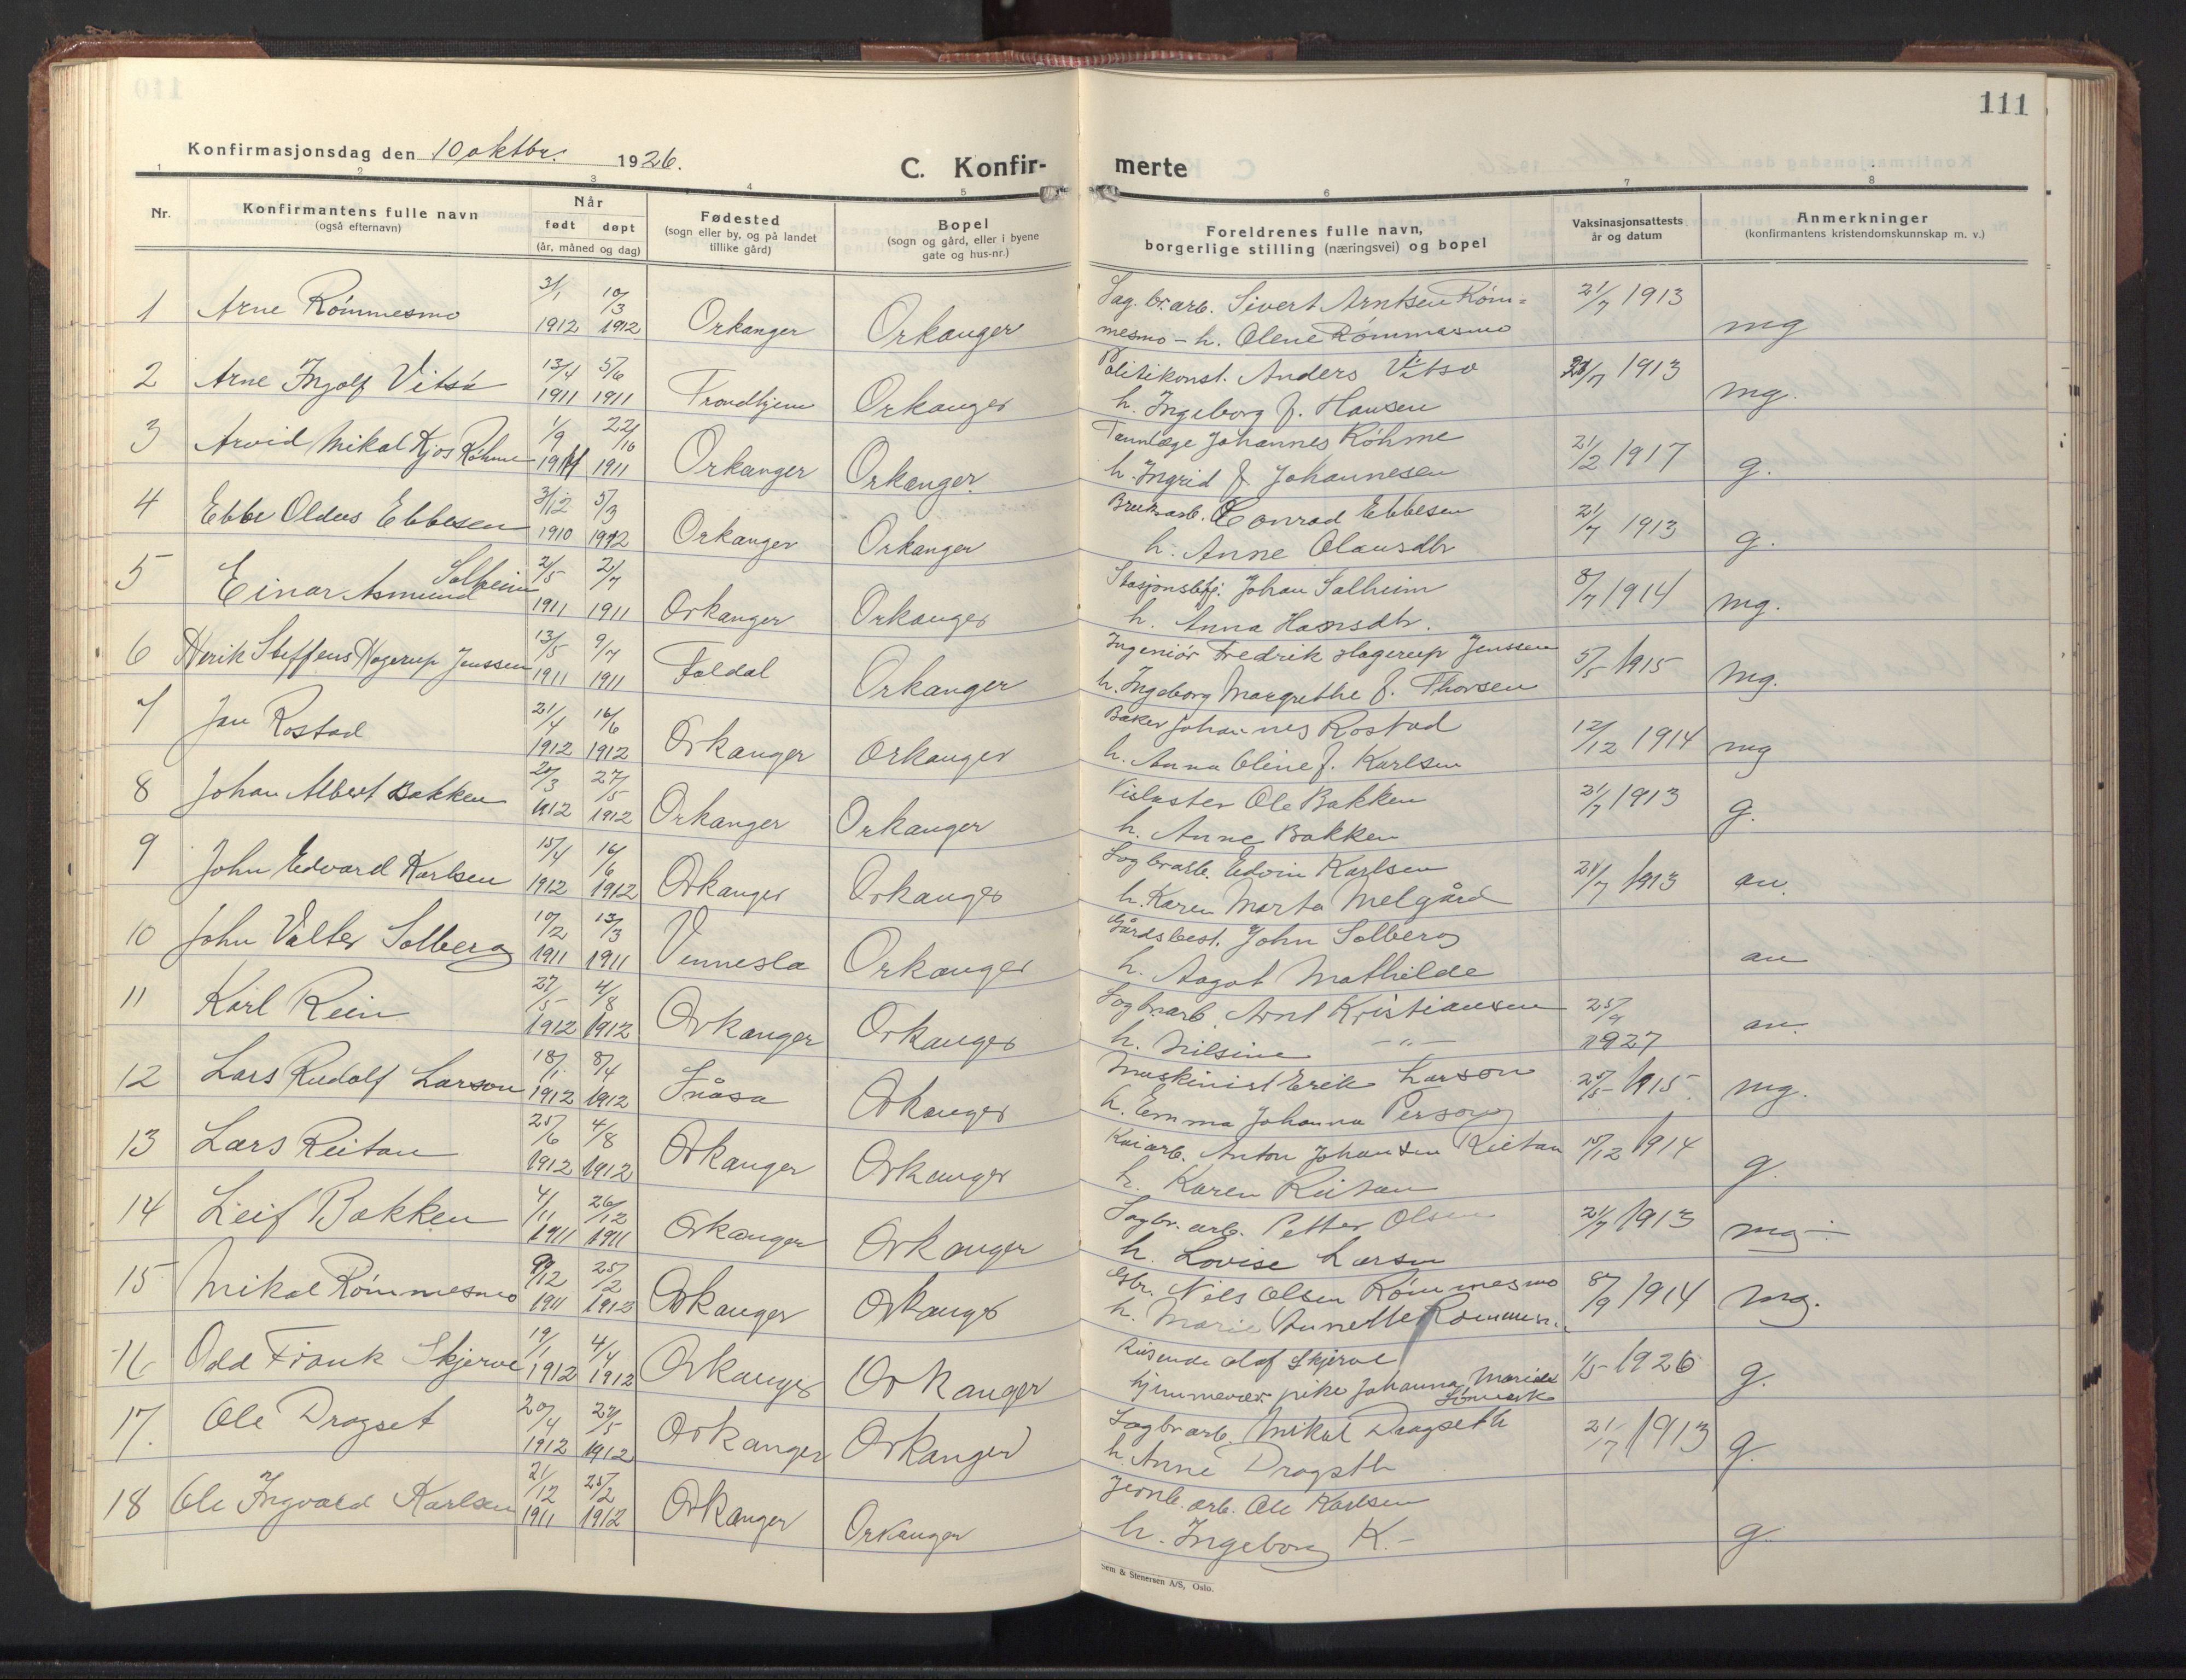 SAT, Ministerialprotokoller, klokkerbøker og fødselsregistre - Sør-Trøndelag, 669/L0832: Klokkerbok nr. 669C02, 1925-1953, s. 111